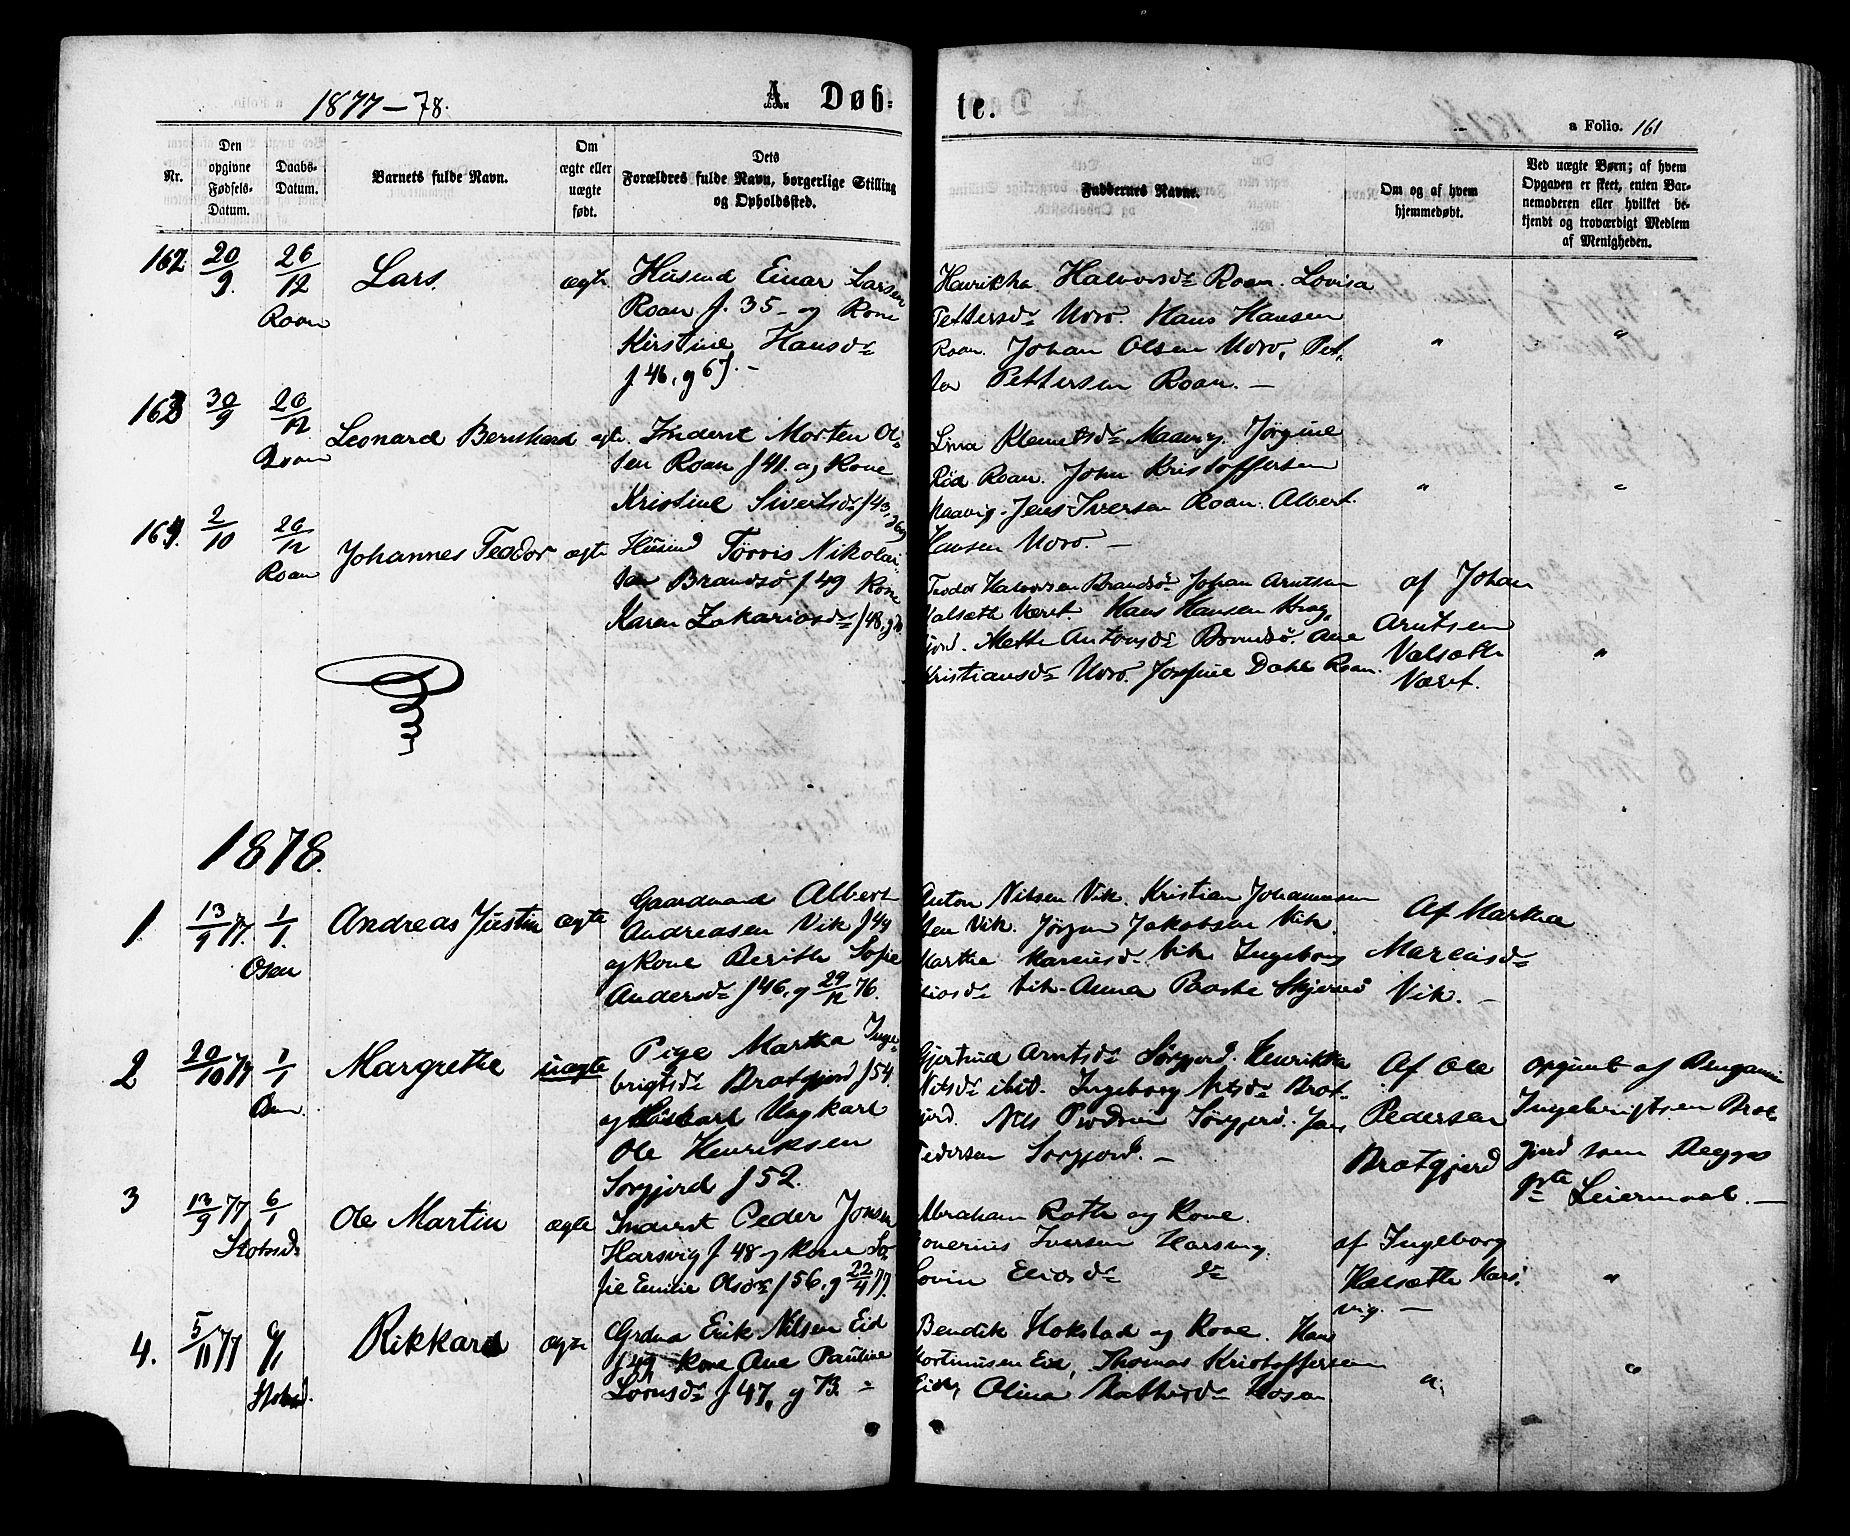 SAT, Ministerialprotokoller, klokkerbøker og fødselsregistre - Sør-Trøndelag, 657/L0706: Ministerialbok nr. 657A07, 1867-1878, s. 161